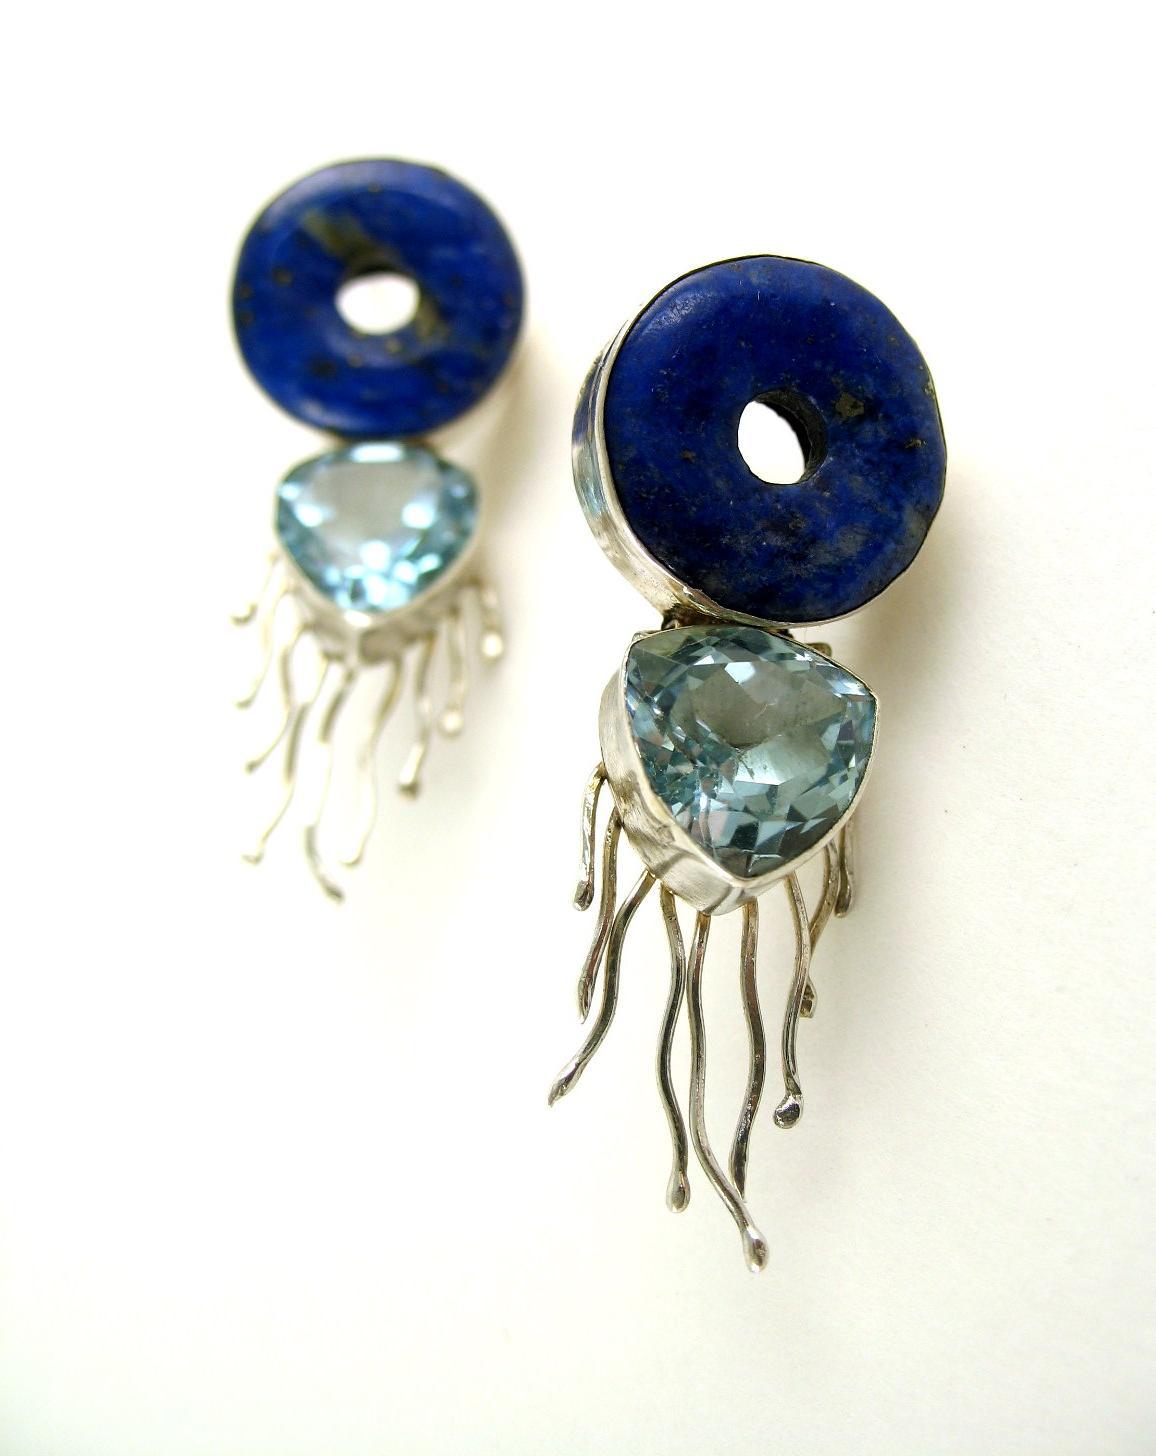 Topaz Lapis Lazuli from